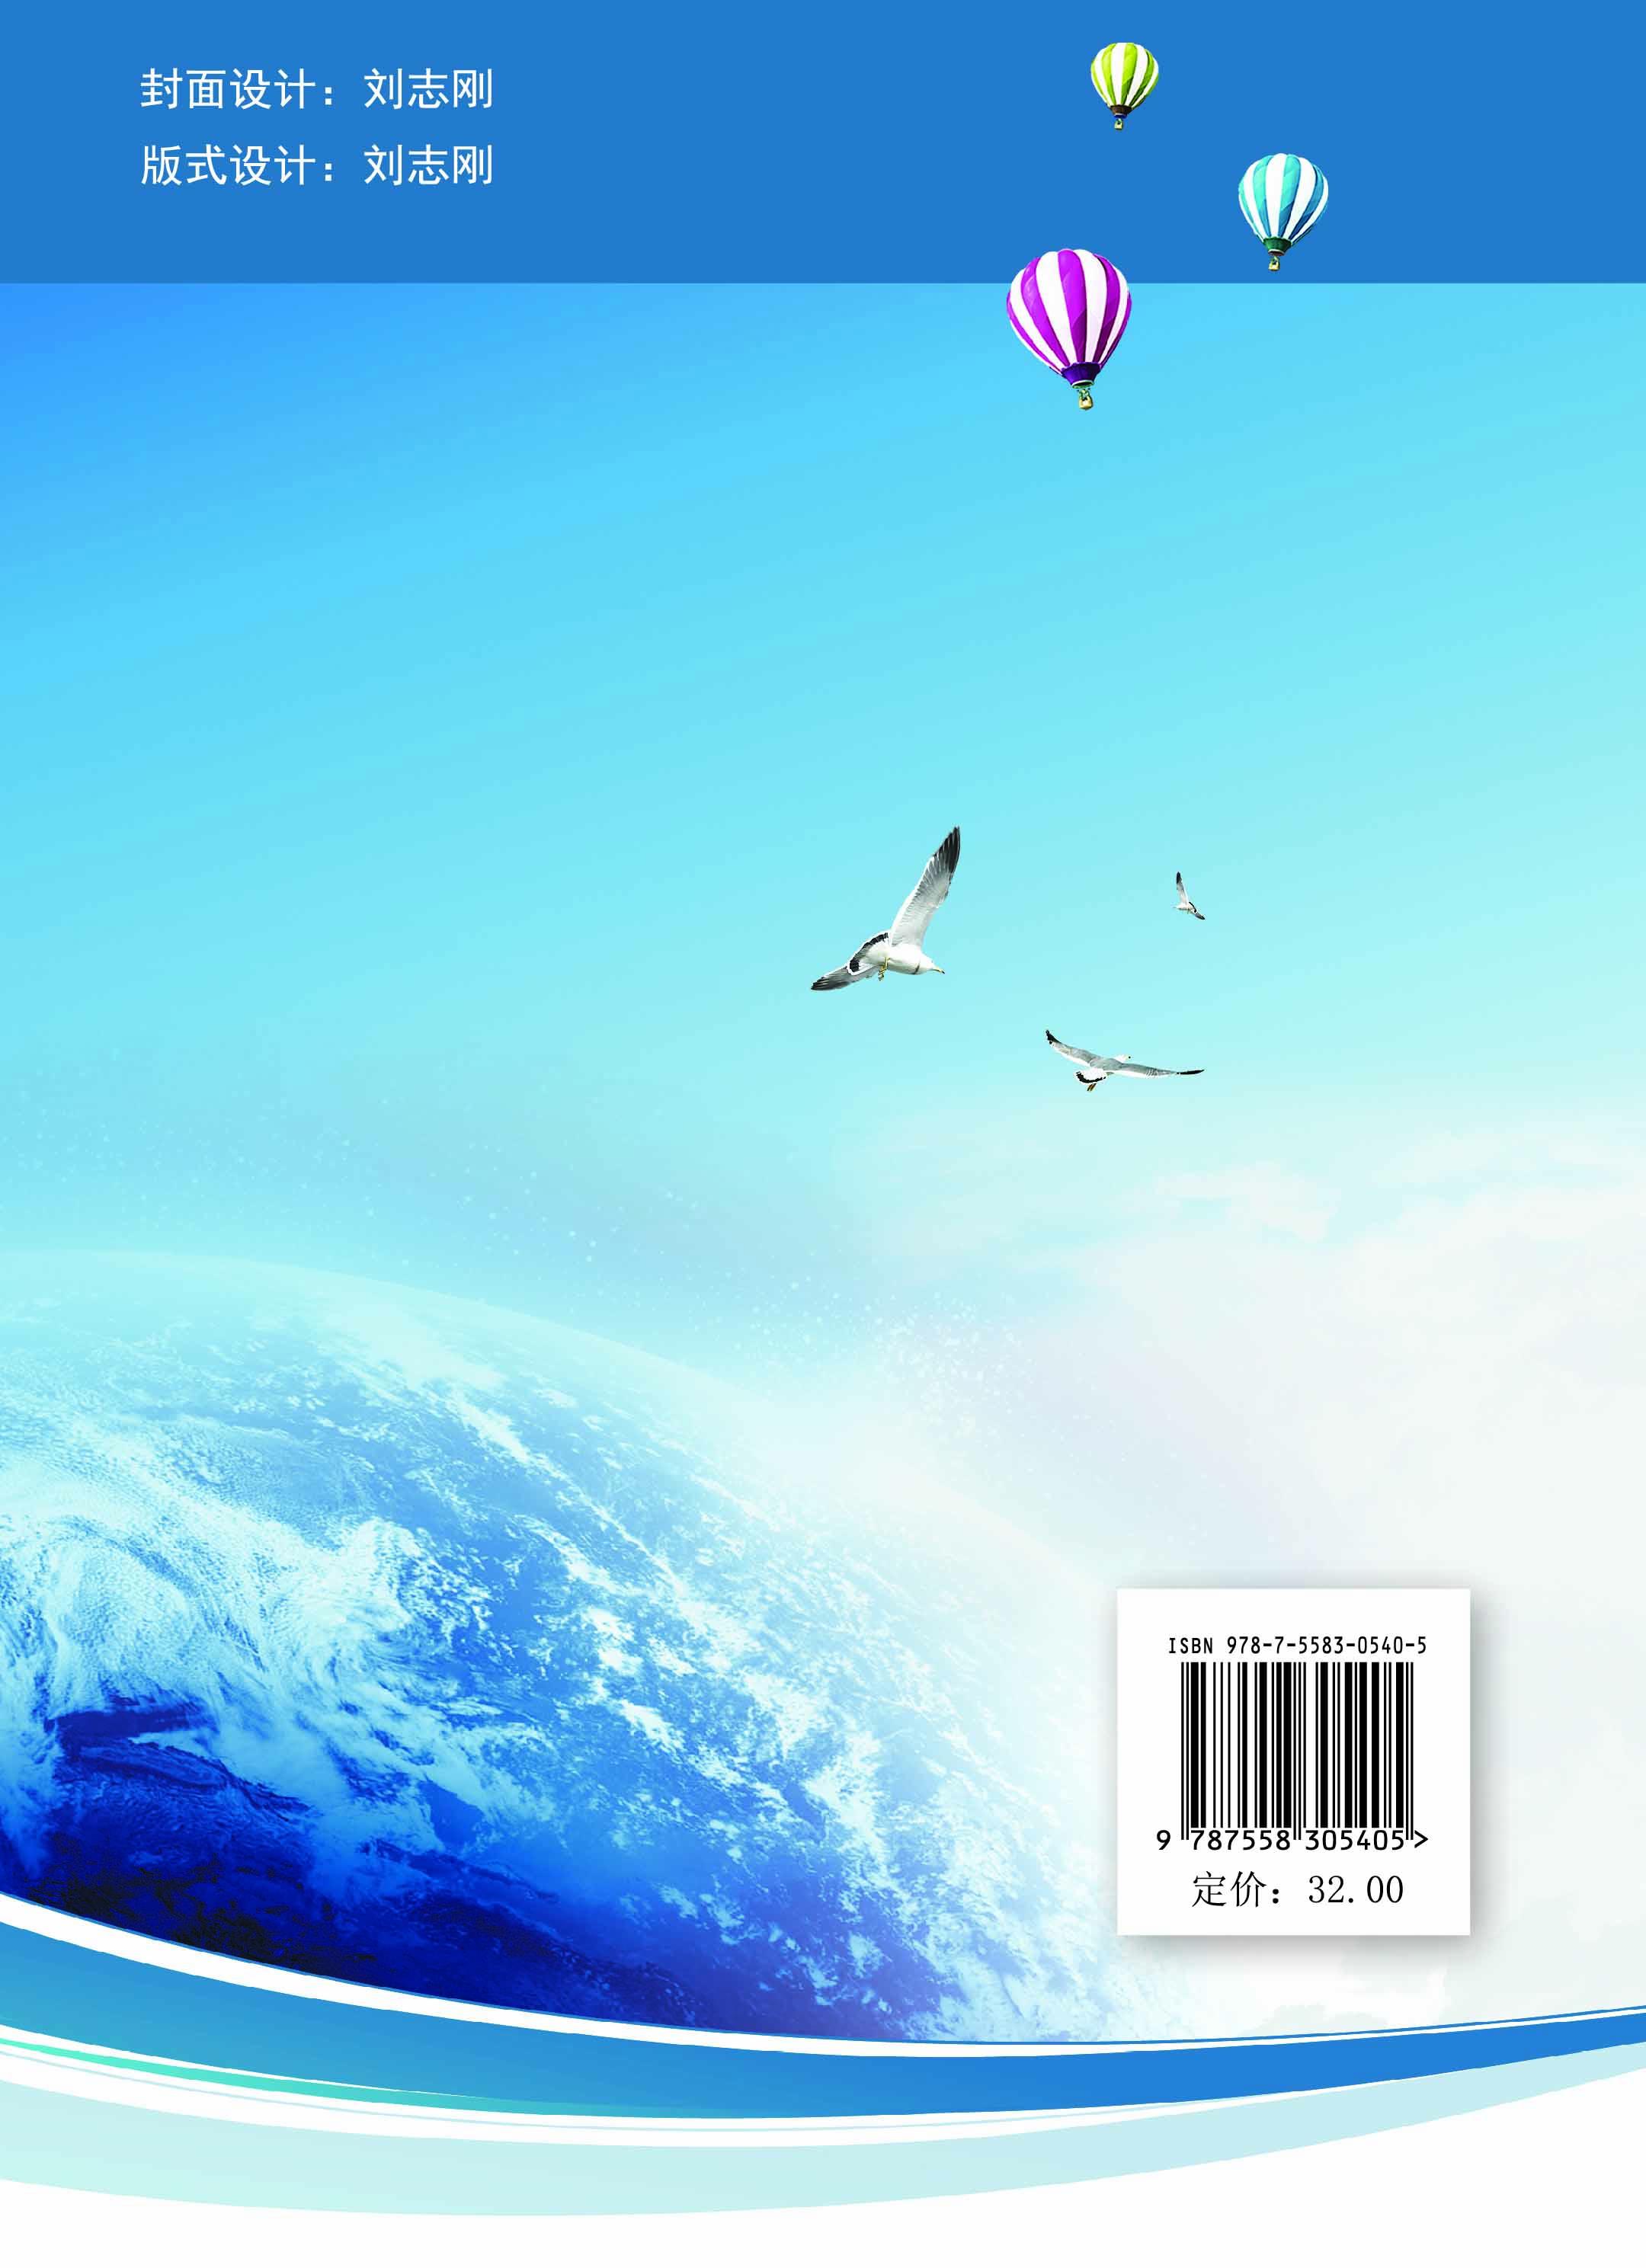 《中职实用语文》(企业管理新思维)封面